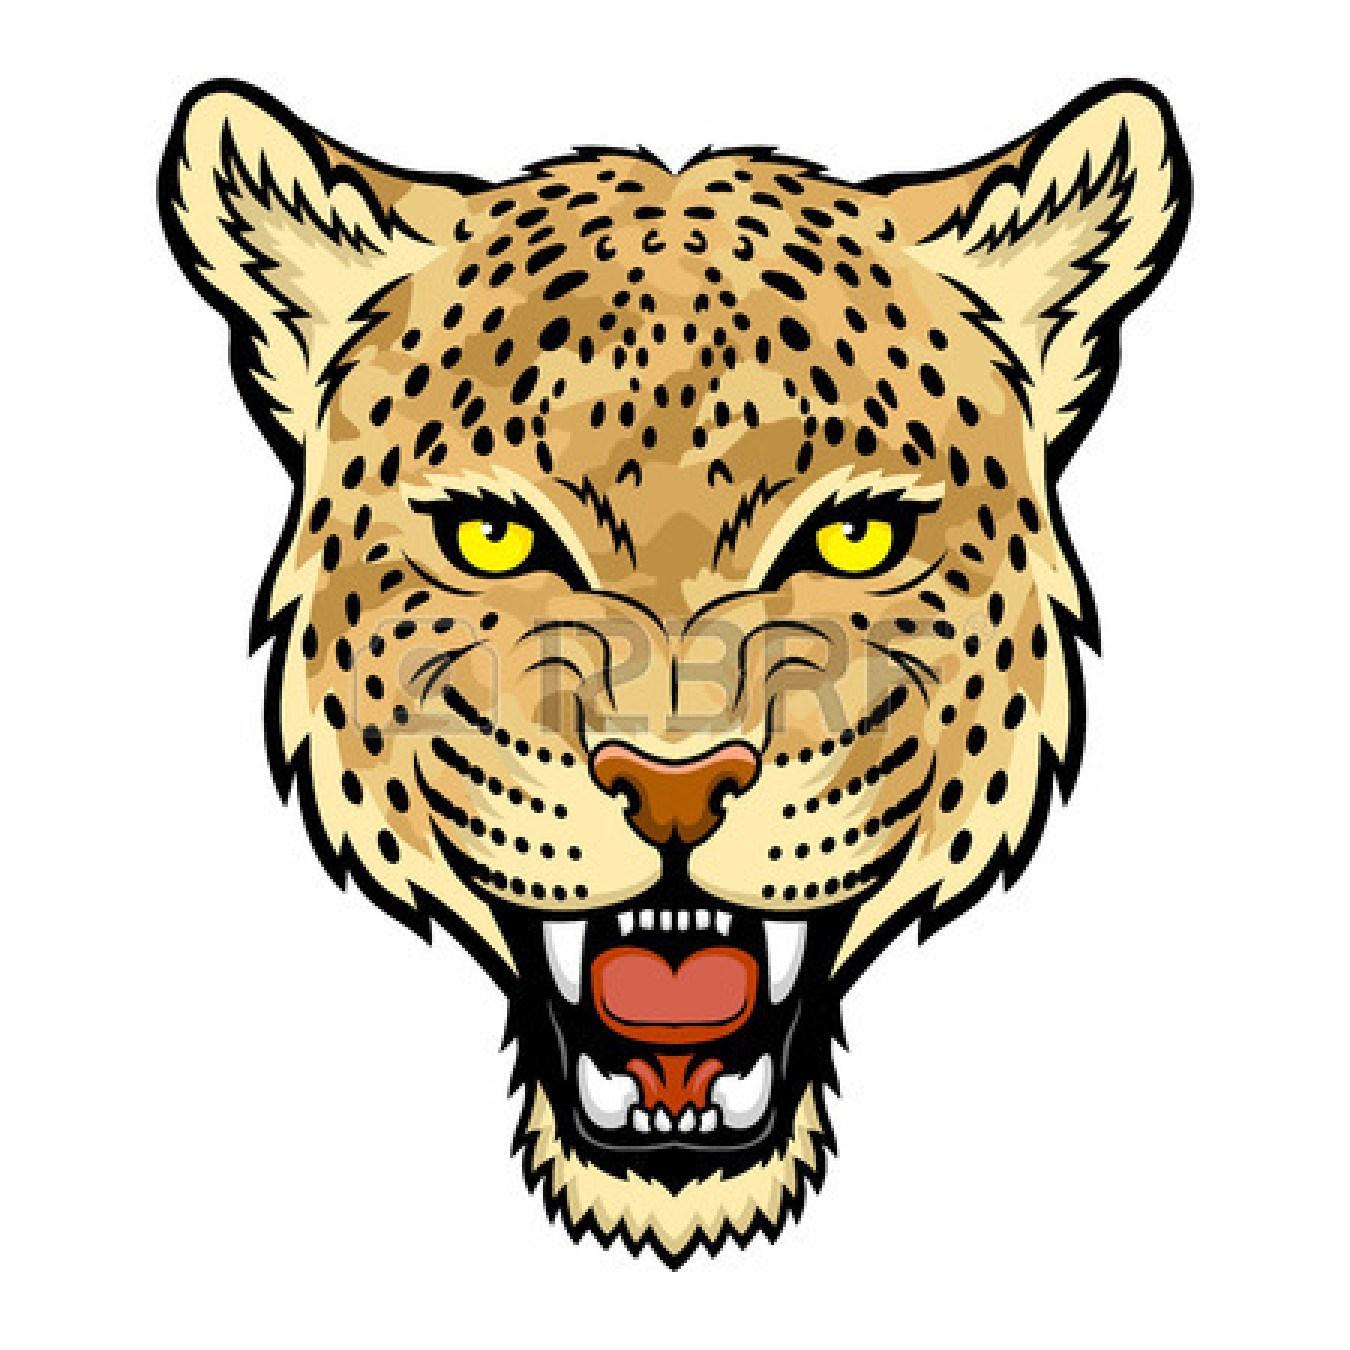 1350x1350 Cheetah Running Clip Art